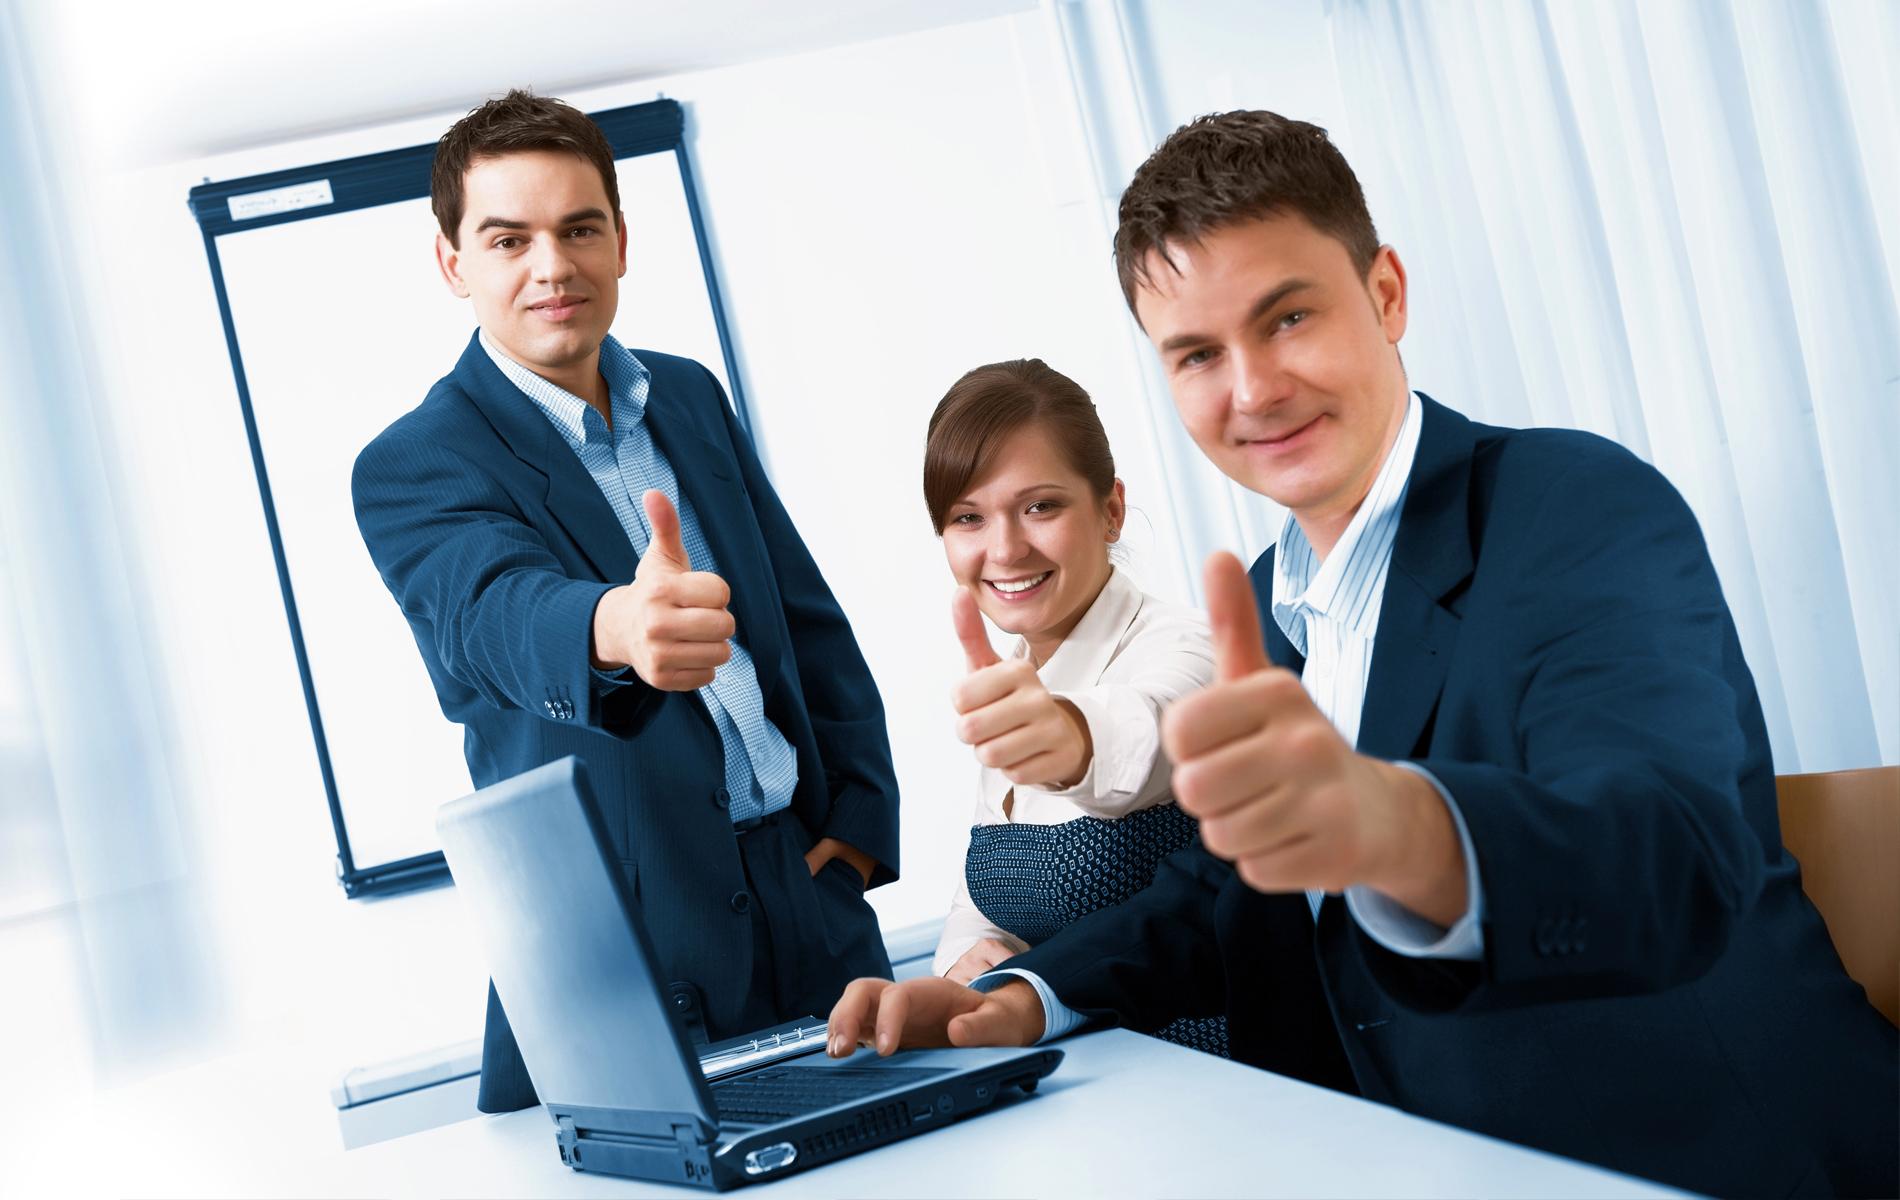 Shutterstock - Business